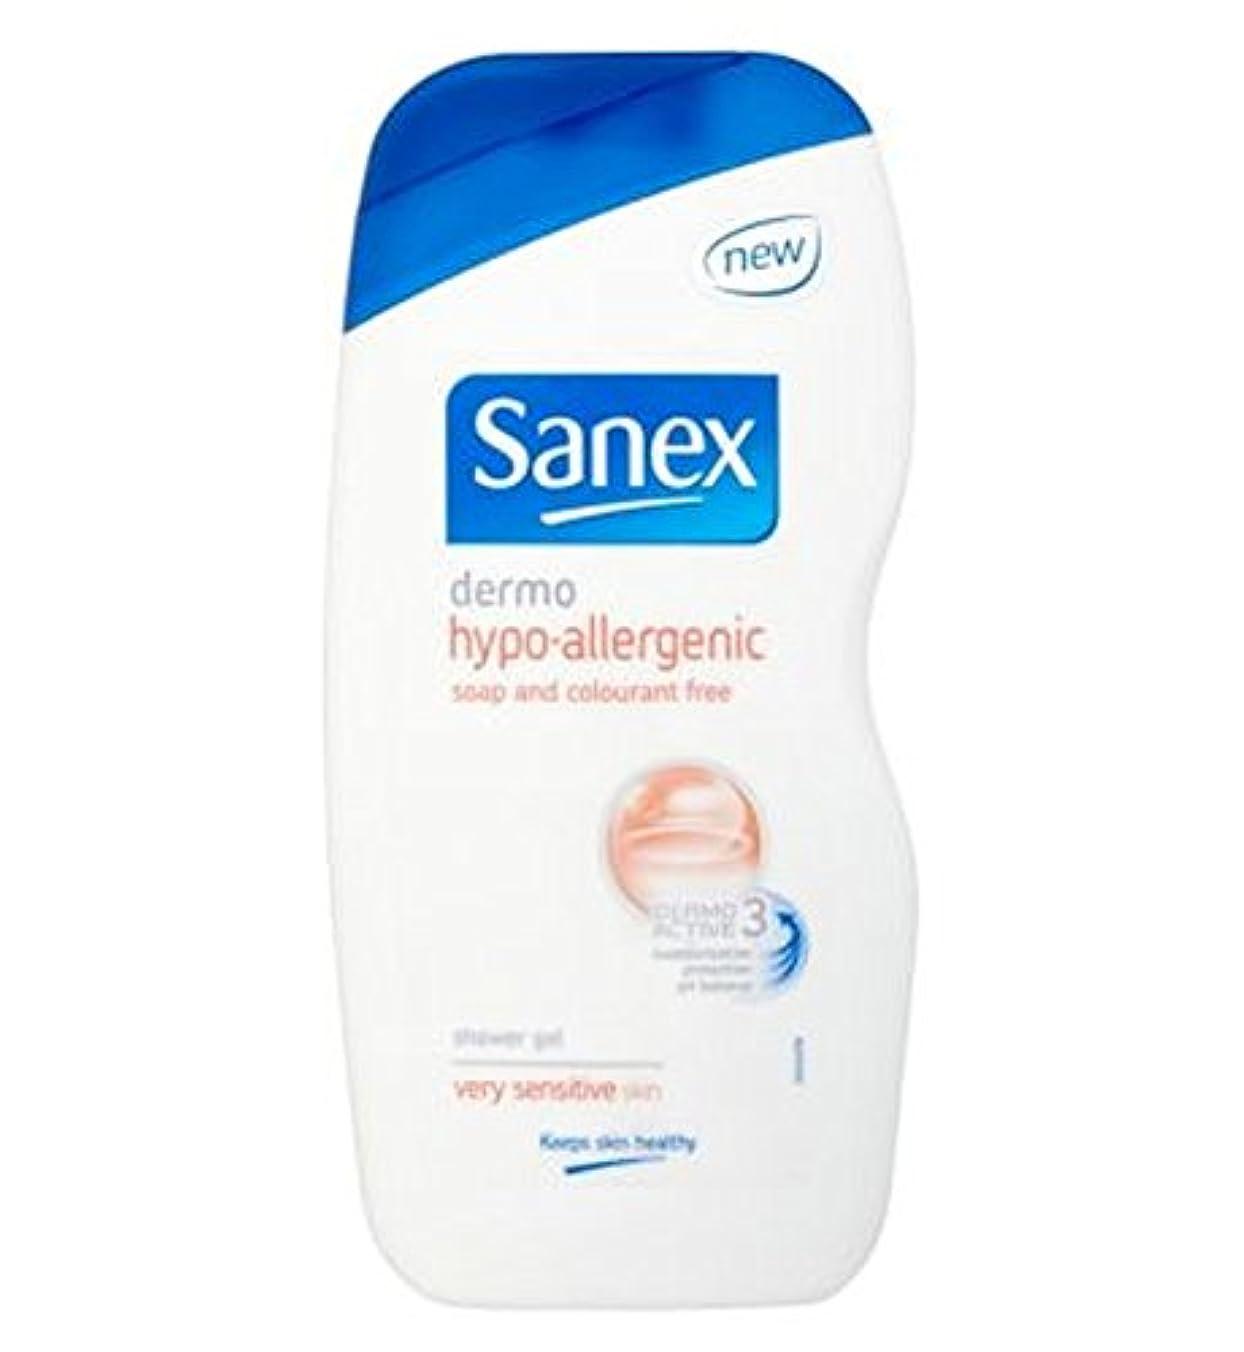 簡潔な現代遺伝子Sanex低刺激性のシャワージェル500ミリリットル (Sanex) (x2) - Sanex Hypoallergenic Shower Gel 500ml (Pack of 2) [並行輸入品]